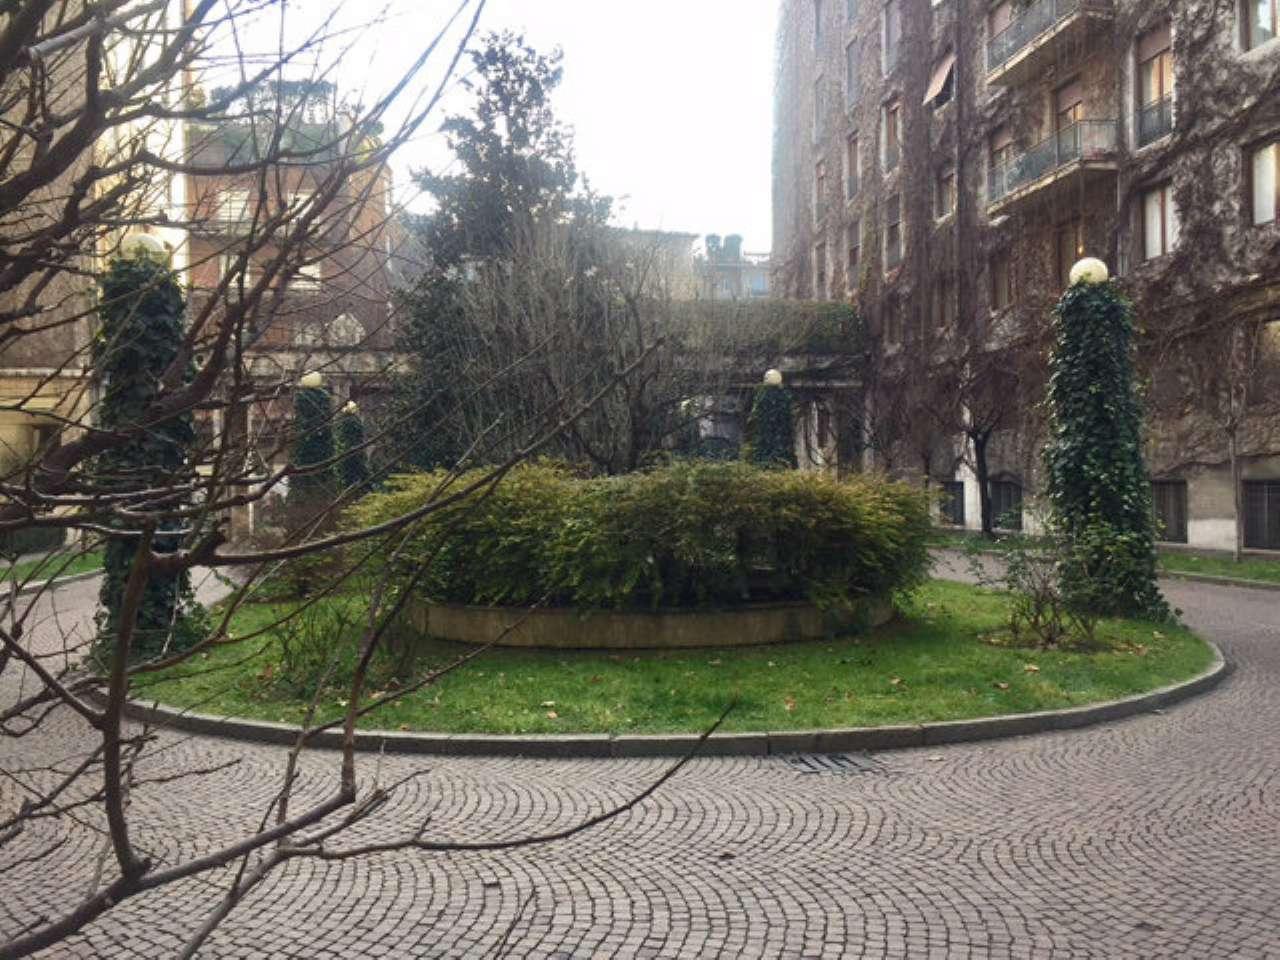 Appartamento in vendita a Milano, 4 locali, zona Zona: 1 . Centro Storico, Duomo, Brera, Cadorna, Cattolica, prezzo € 1.250.000 | Cambio Casa.it